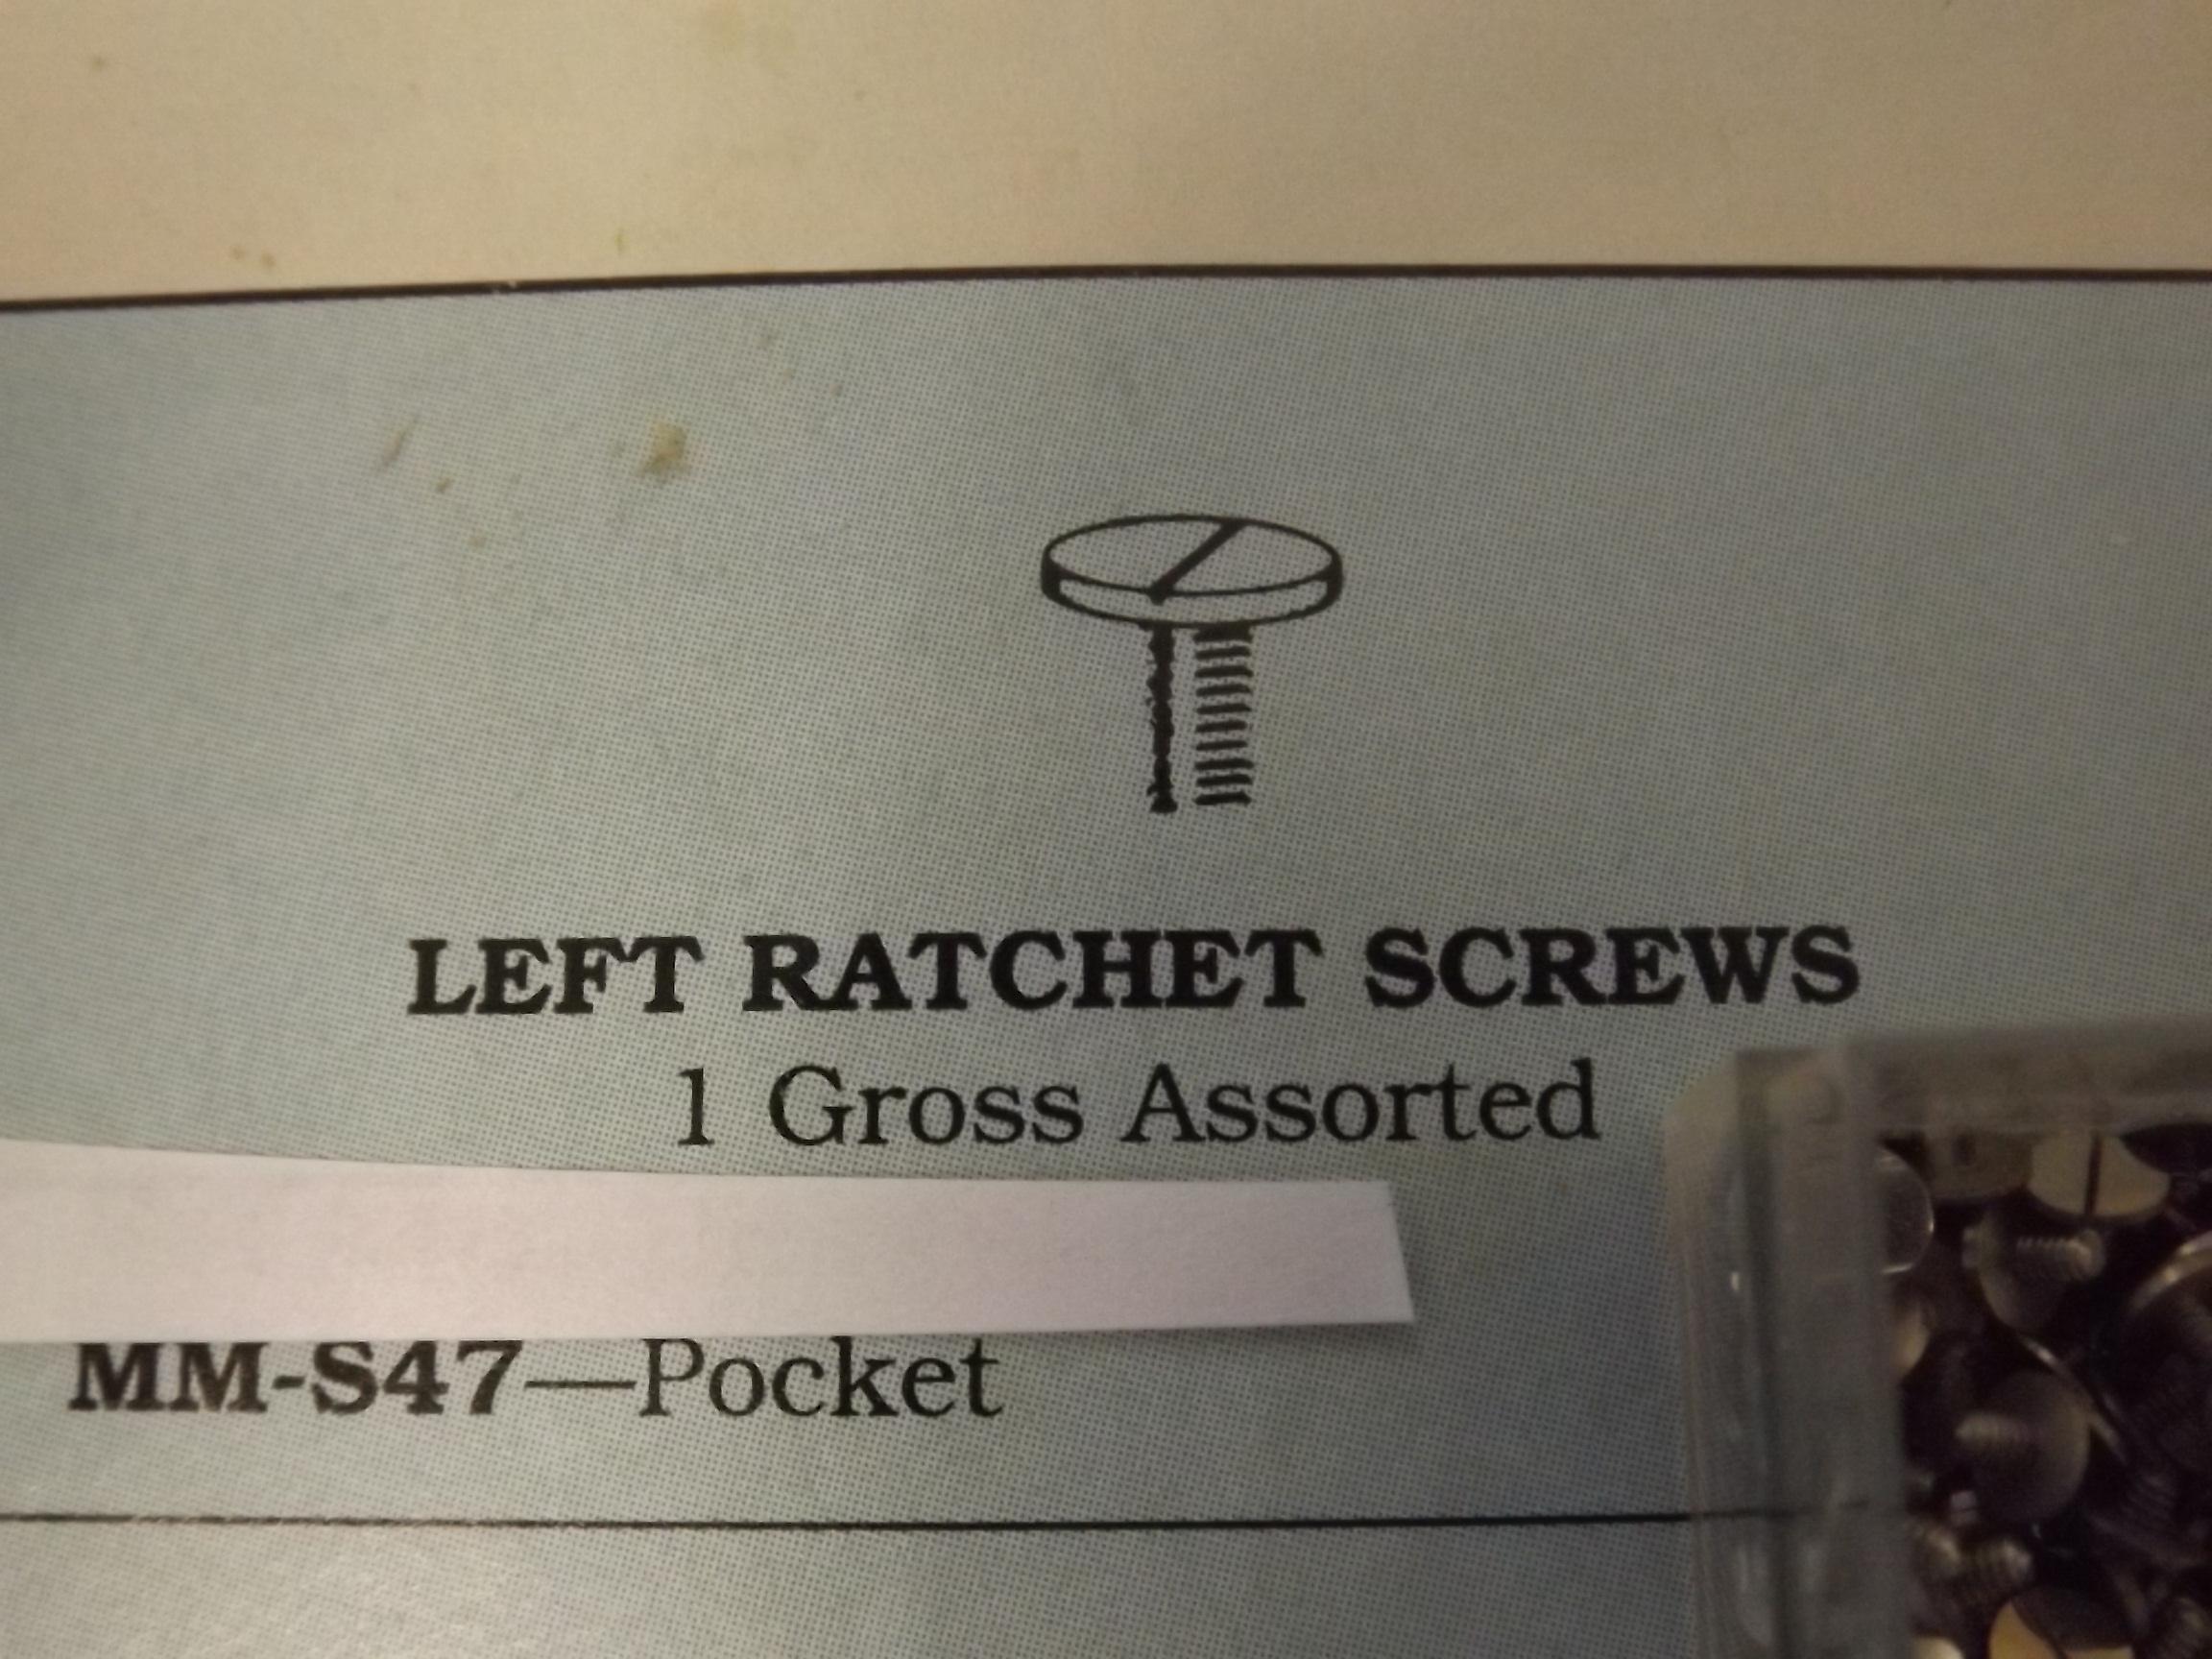 MM-S47 Left Ratchet Screws -Pocket- 1 Gross- Bestfit - One Only!